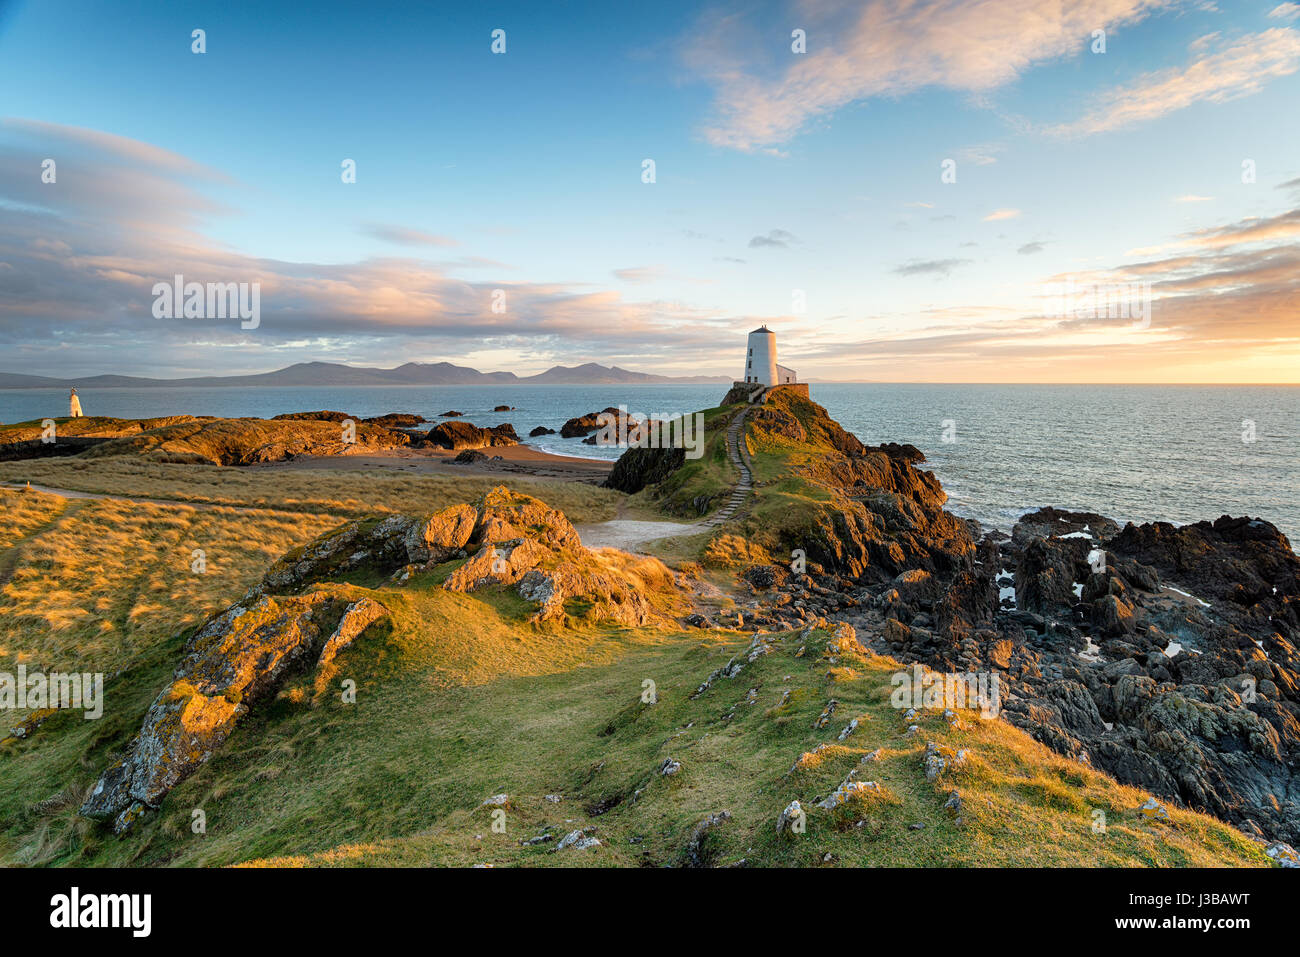 Der Leuchtturm auf der Insel Llanddyn an der Anglesy Küste von Wales Stockbild